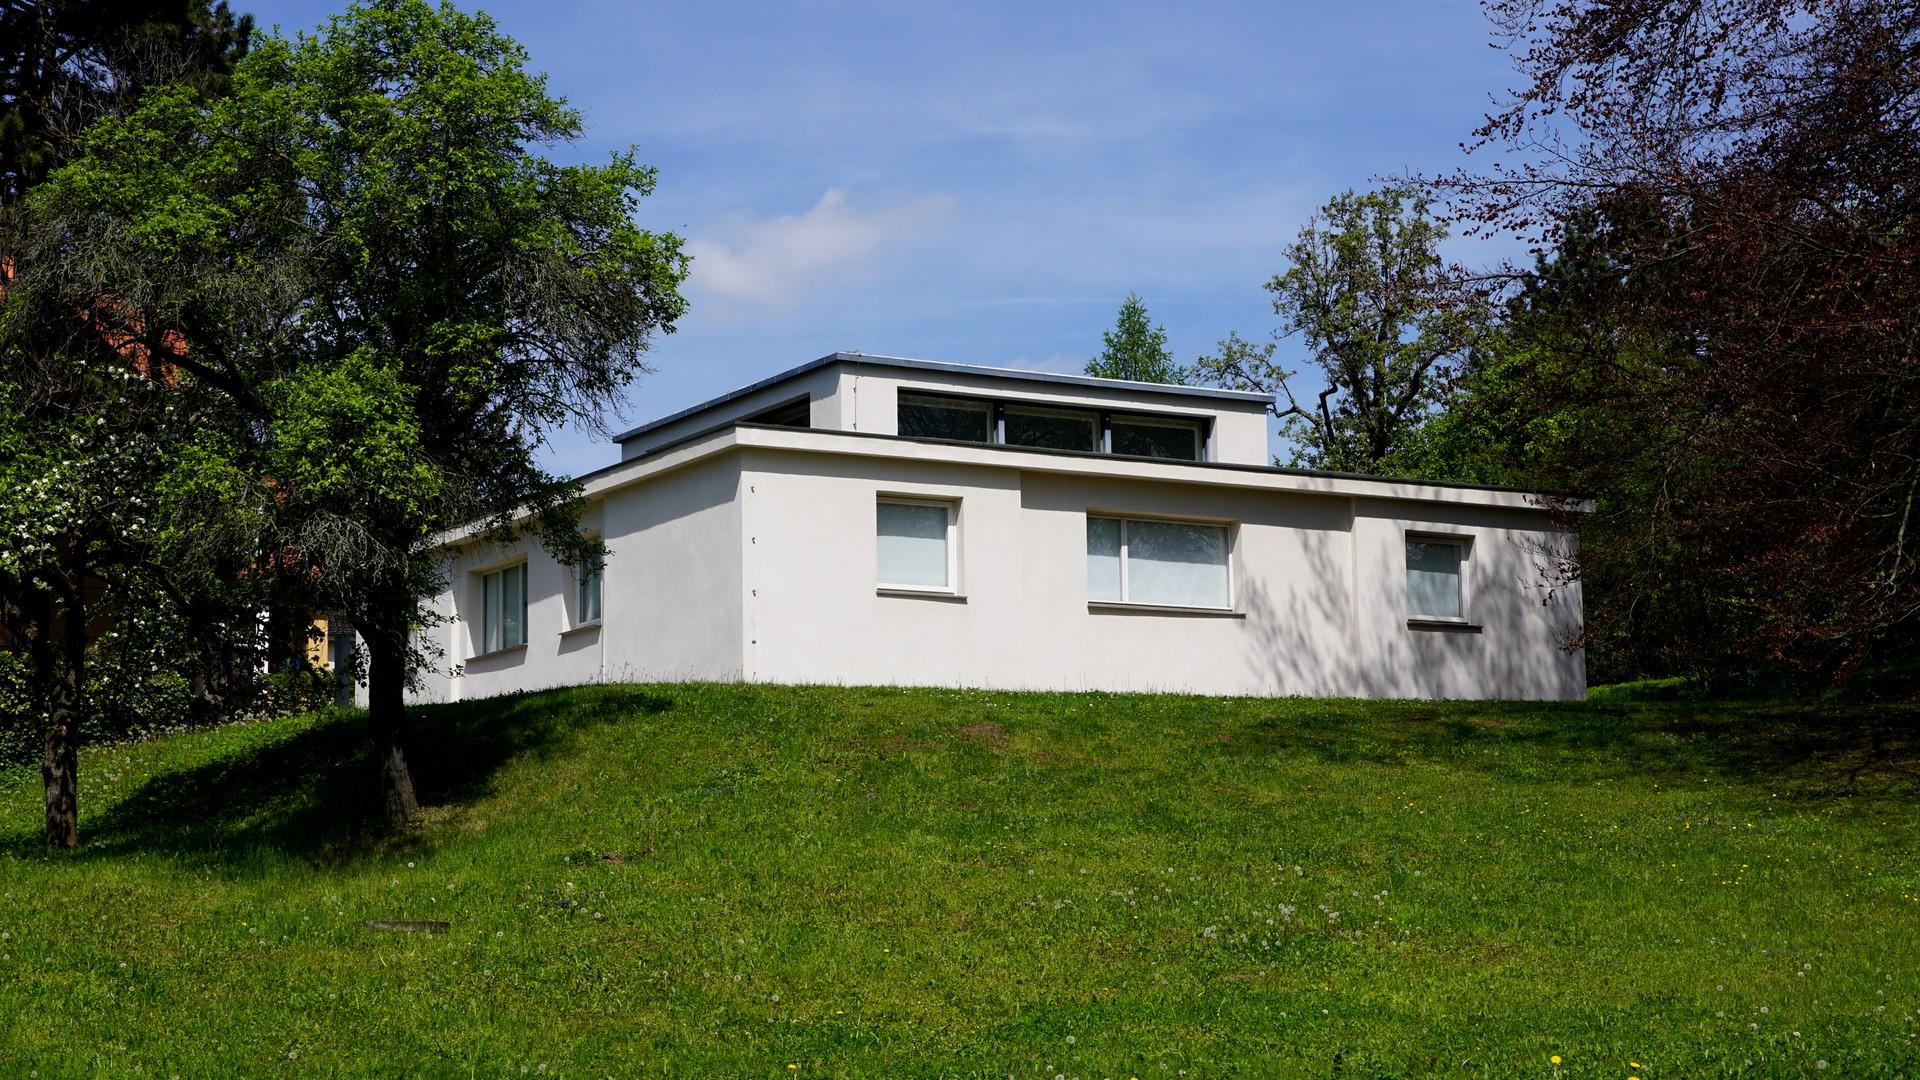 Bauhaus haus am horn foto bild architektur motive weimar bilder auf fotocommunity - Architektur weimar ...